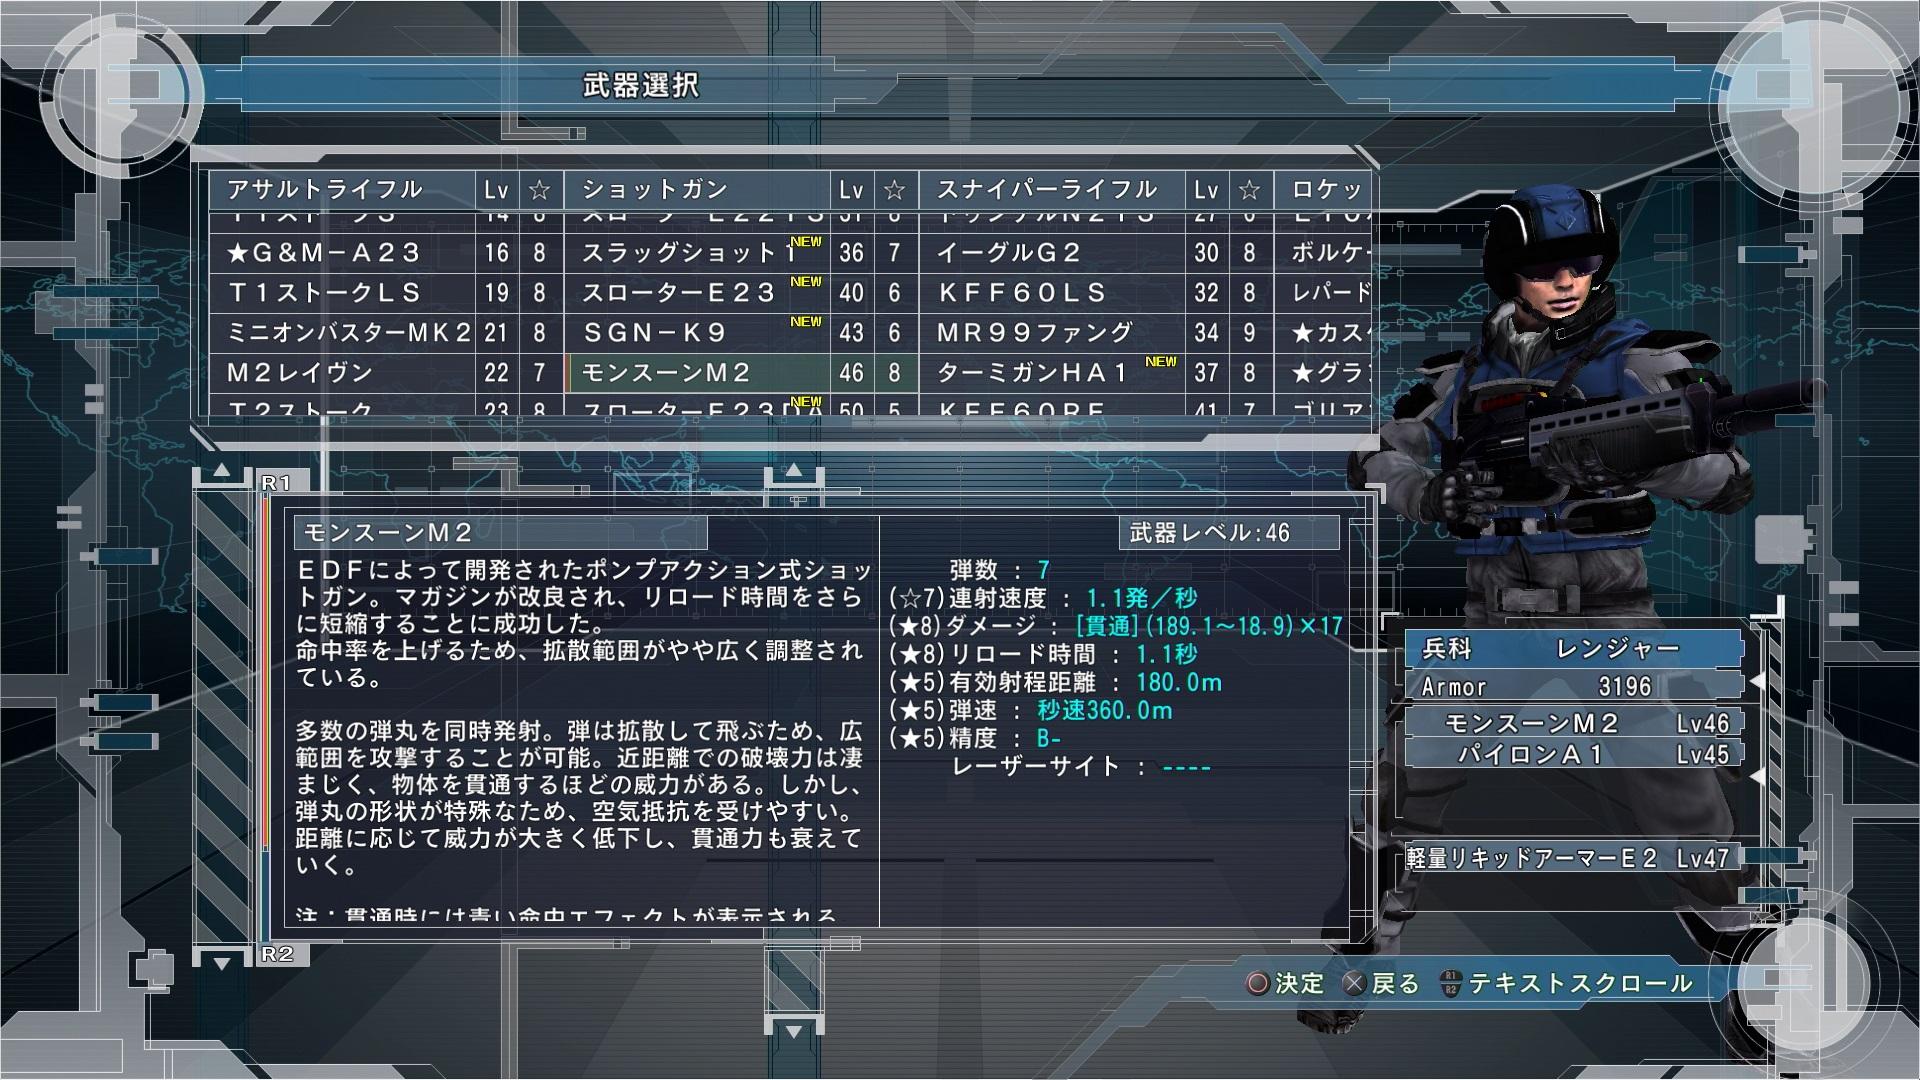 地球 防衛 軍 5 最強 武器